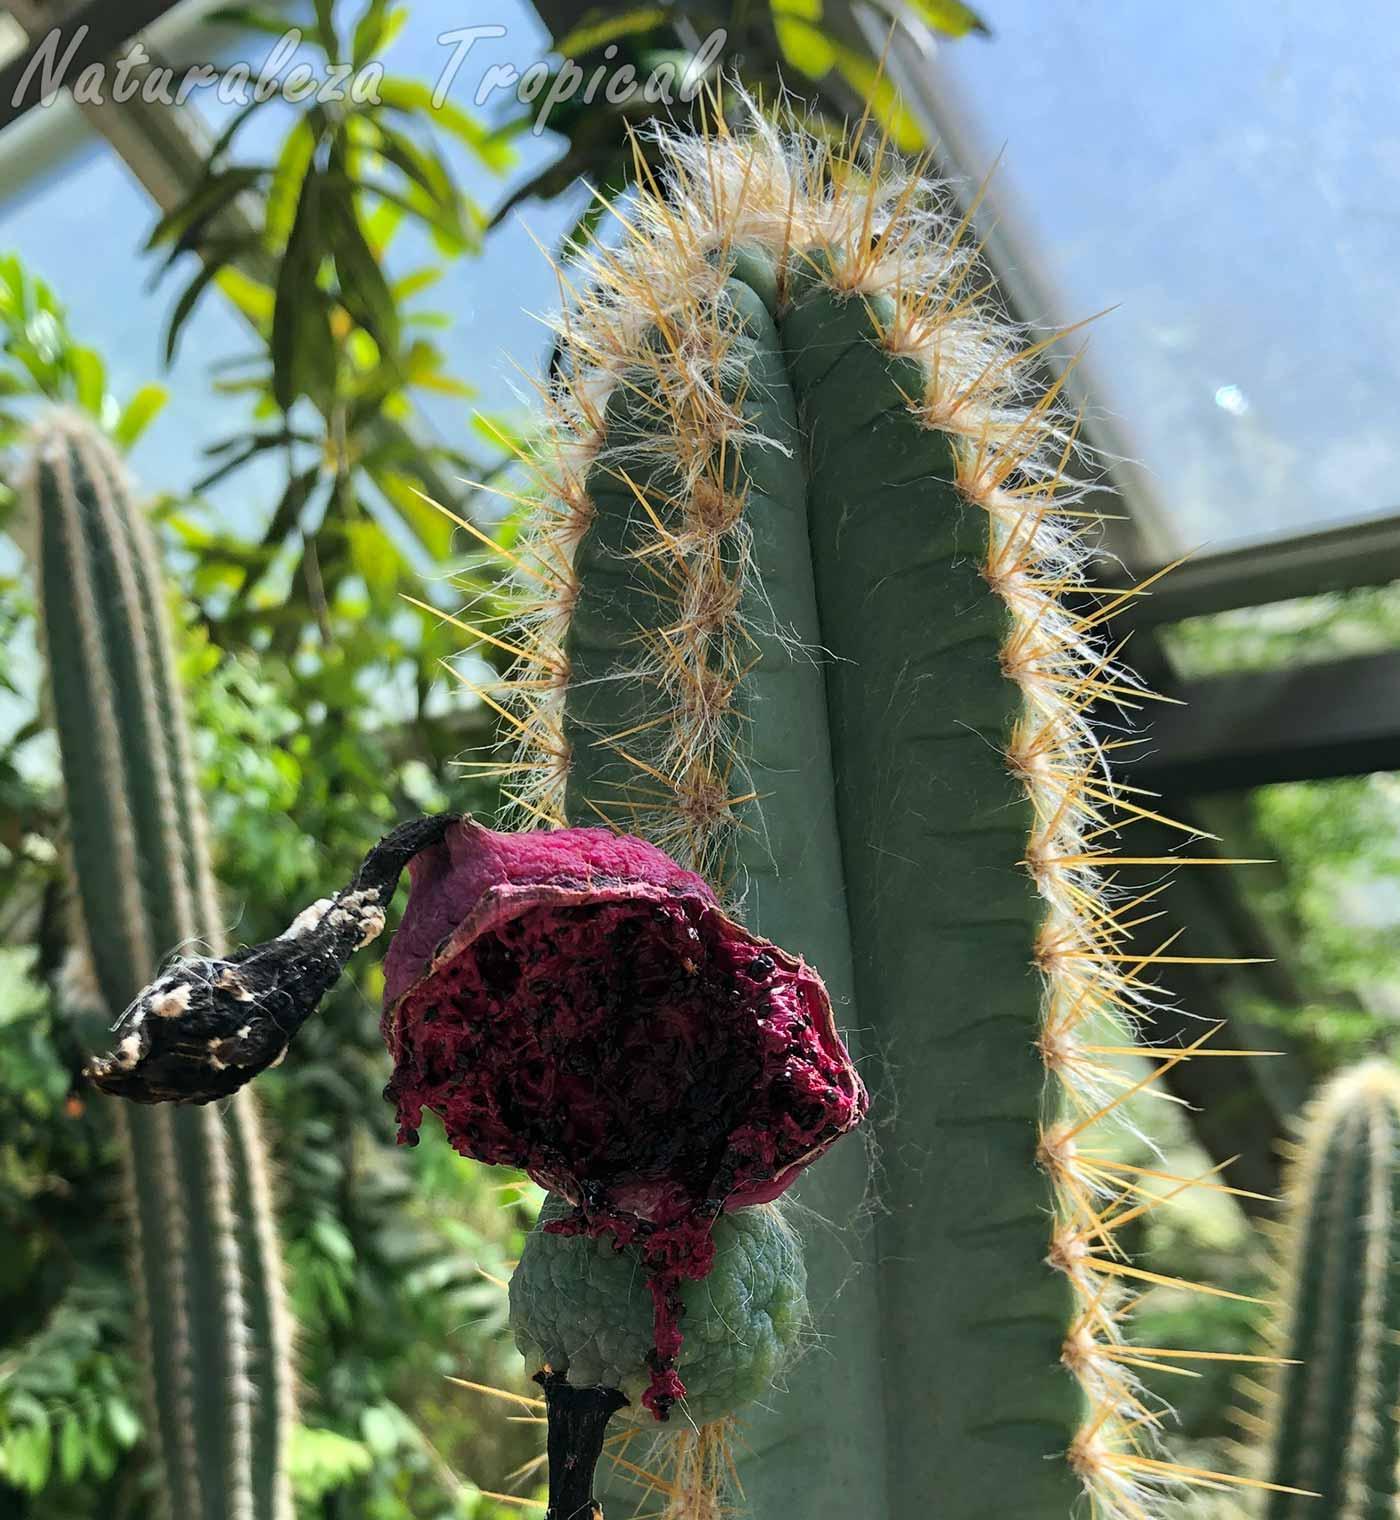 Tallo y fruto ya maduro exponiendo las semillas del cactus Pilosocereus polygonus